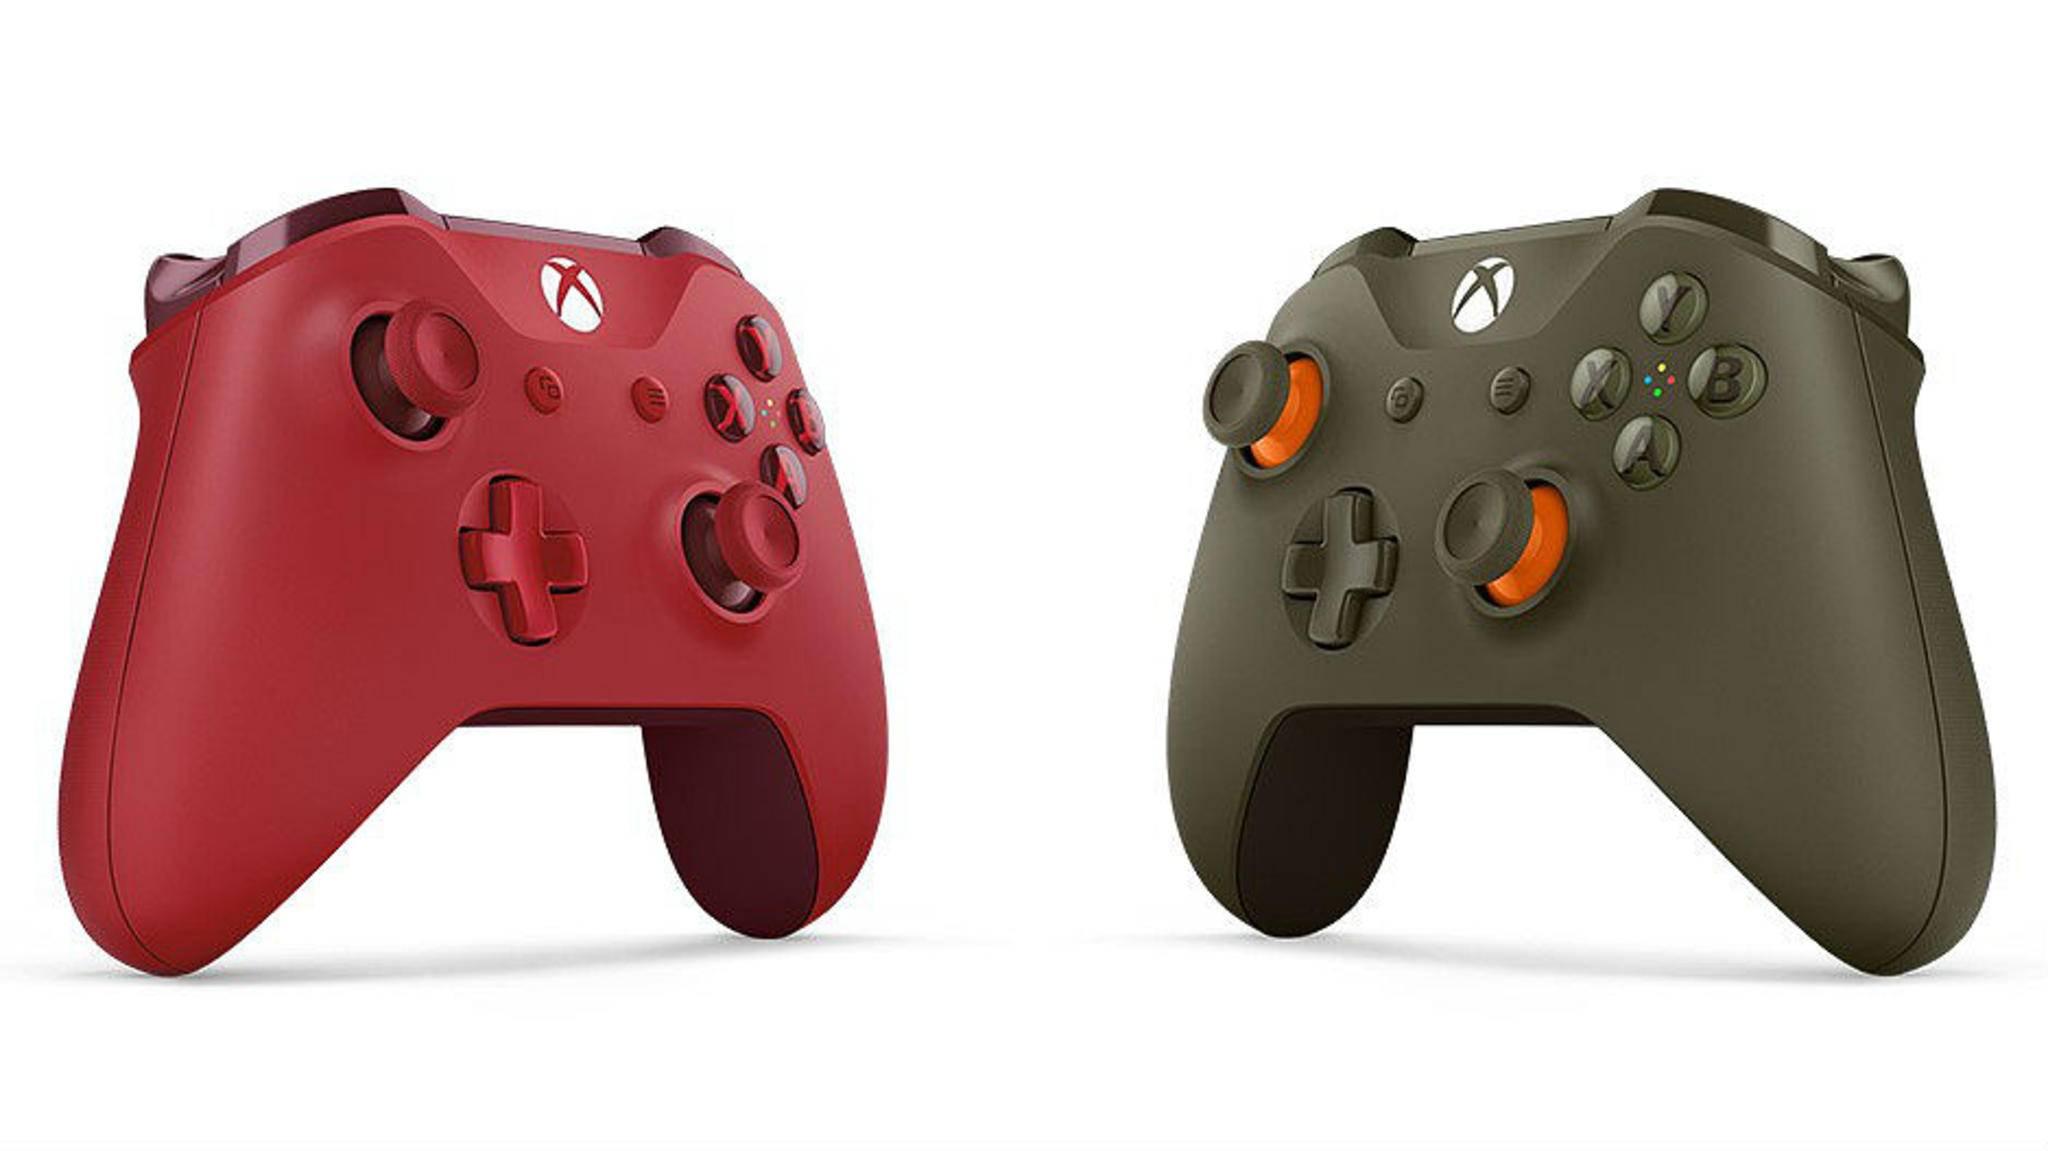 Den Xbox One-Controller gibt es jetzt auch in schickem Rot und Grün-Orange.